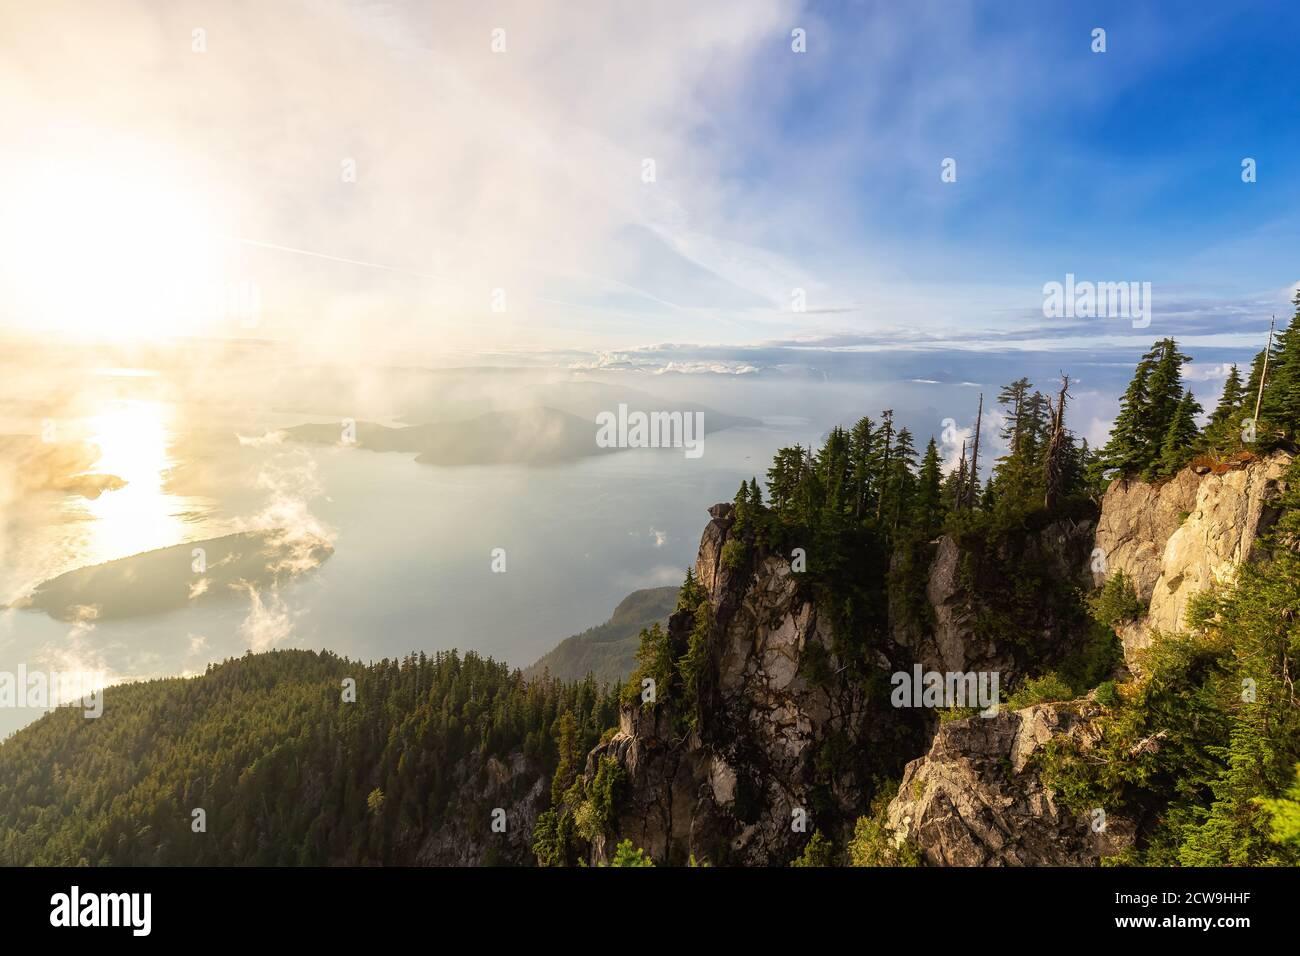 Splendida vista sul paesaggio montano canadese Foto Stock